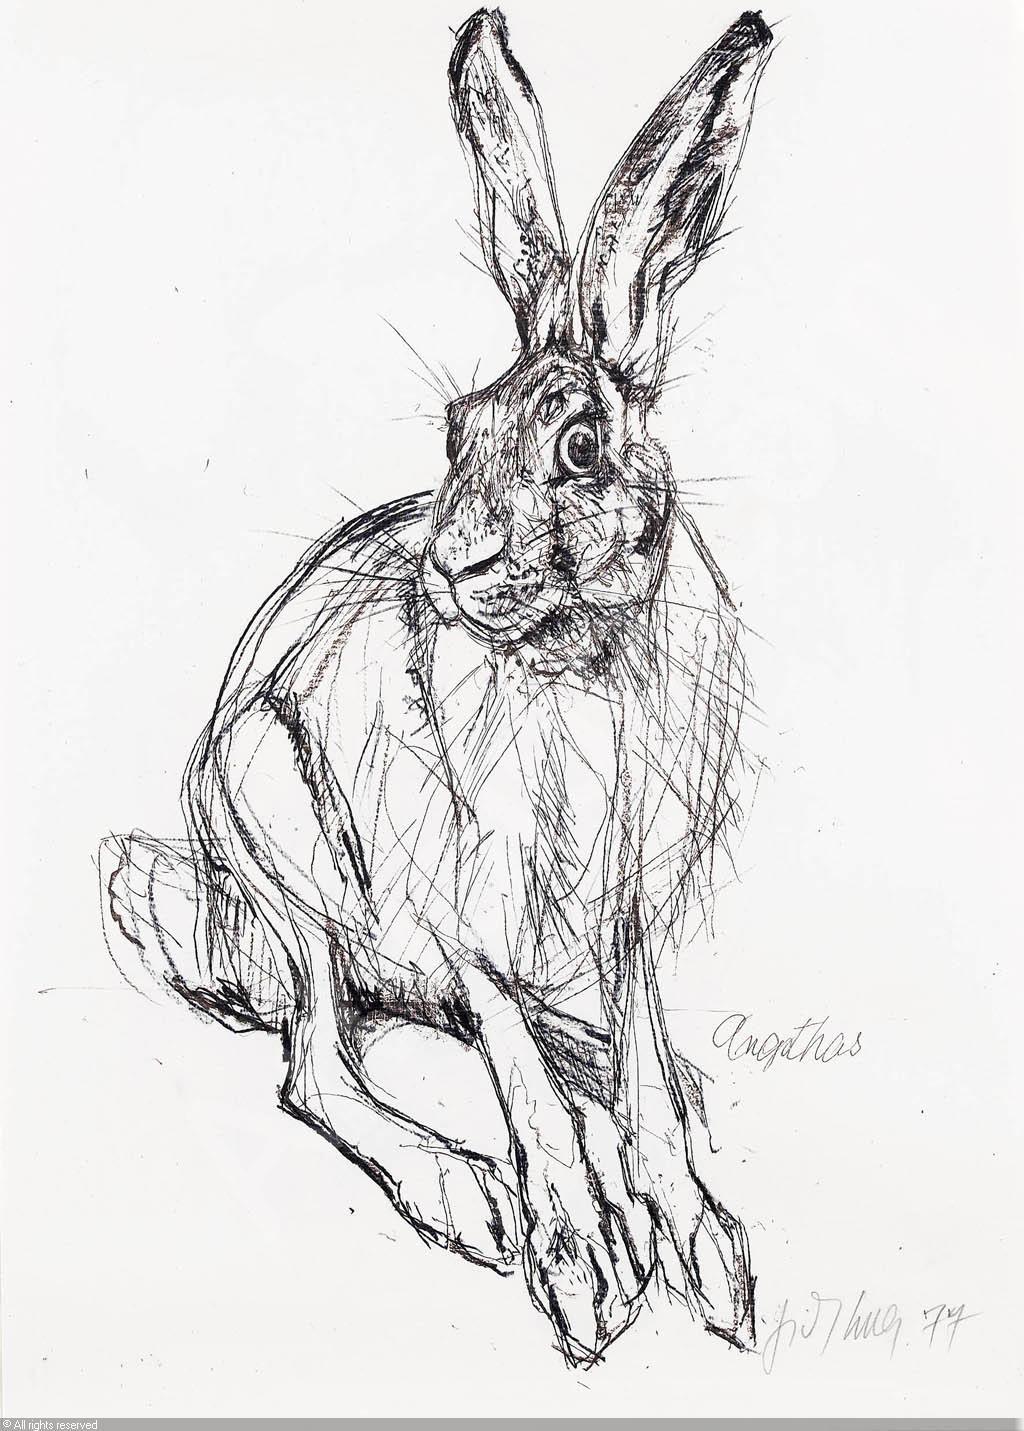 Epingle Par Leslie Jones Sur Inspirational Artwork Croquis Animaux Art Animalier Peintre Animalier